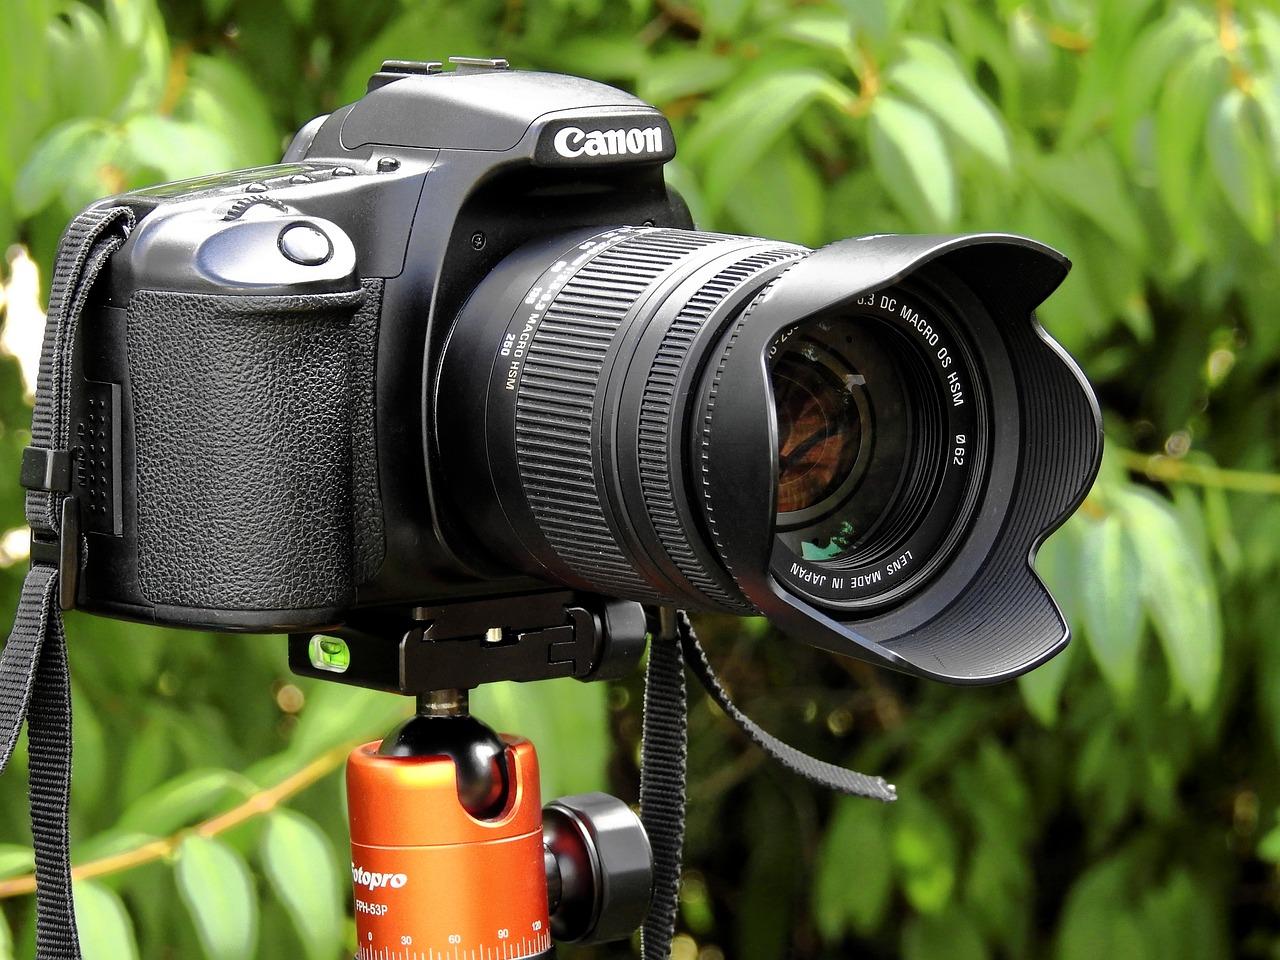 подавляющего как сфотографировать предмет вблизи на камеру это время, которое